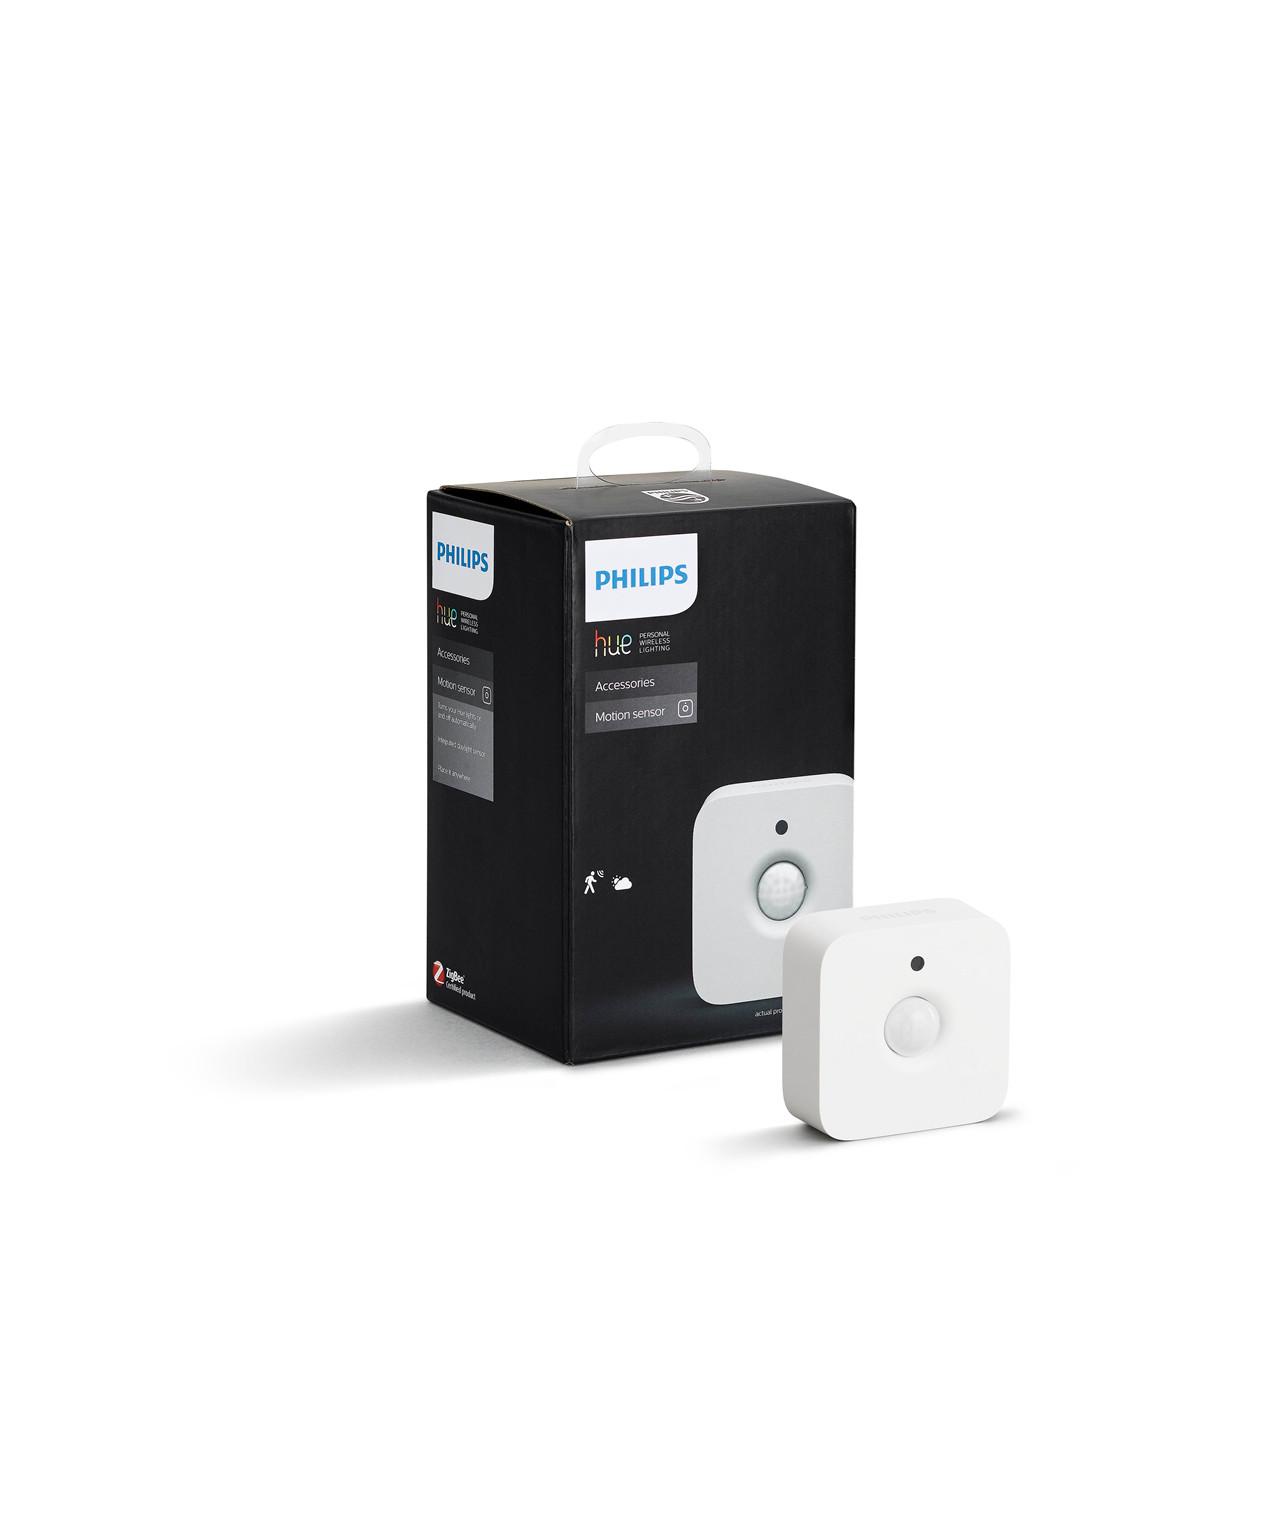 ProducentPhilips  Koncept ? Ledning: Bruger ej ledning, men 2xAAA batteri (medfølger)  ? IP42 ? Rækkevidde 5 meter ? 100 graders vinkel ? Batteri levetid 2-3 år Sensoren bruger 2 x AAA batterier (medfølger) og holder strøm i ca. 2 år - Hvilket giver mulighed for montering utallige steder. Sensoren er dog ikke beregnet til udendørs brug.  Sensorens sokkel monteres med en lille skrue på væggen eller loftet og sensoren sættes så fast på denne sokkel med magnet. Sensoren kan sidde på utallige vinkler takket være den trinløse mulighed for at vinkle sensoren på soklen.  OBS: Kræver en Hue Bridge.  - Kan ikke bruges i